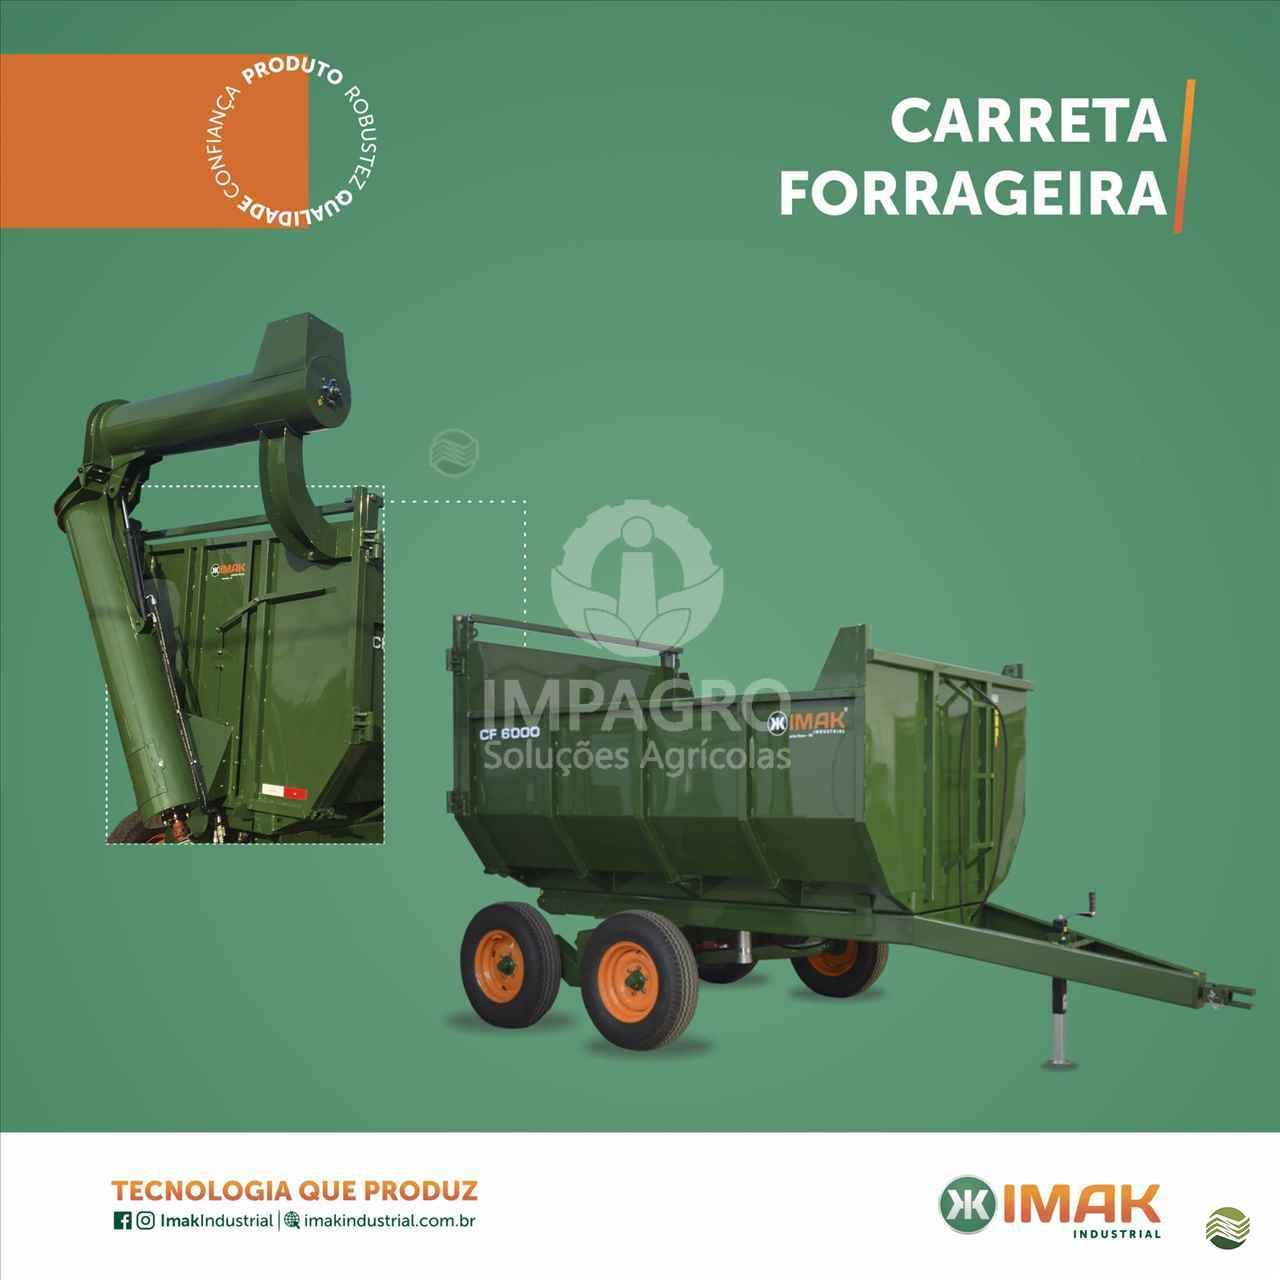 IMPLEMENTOS AGRICOLAS CARRETA AGRÍCOLA CARRETA BASCULANTE Impagro Soluções Agrícolas AJURICABA RIO GRANDE DO SUL RS